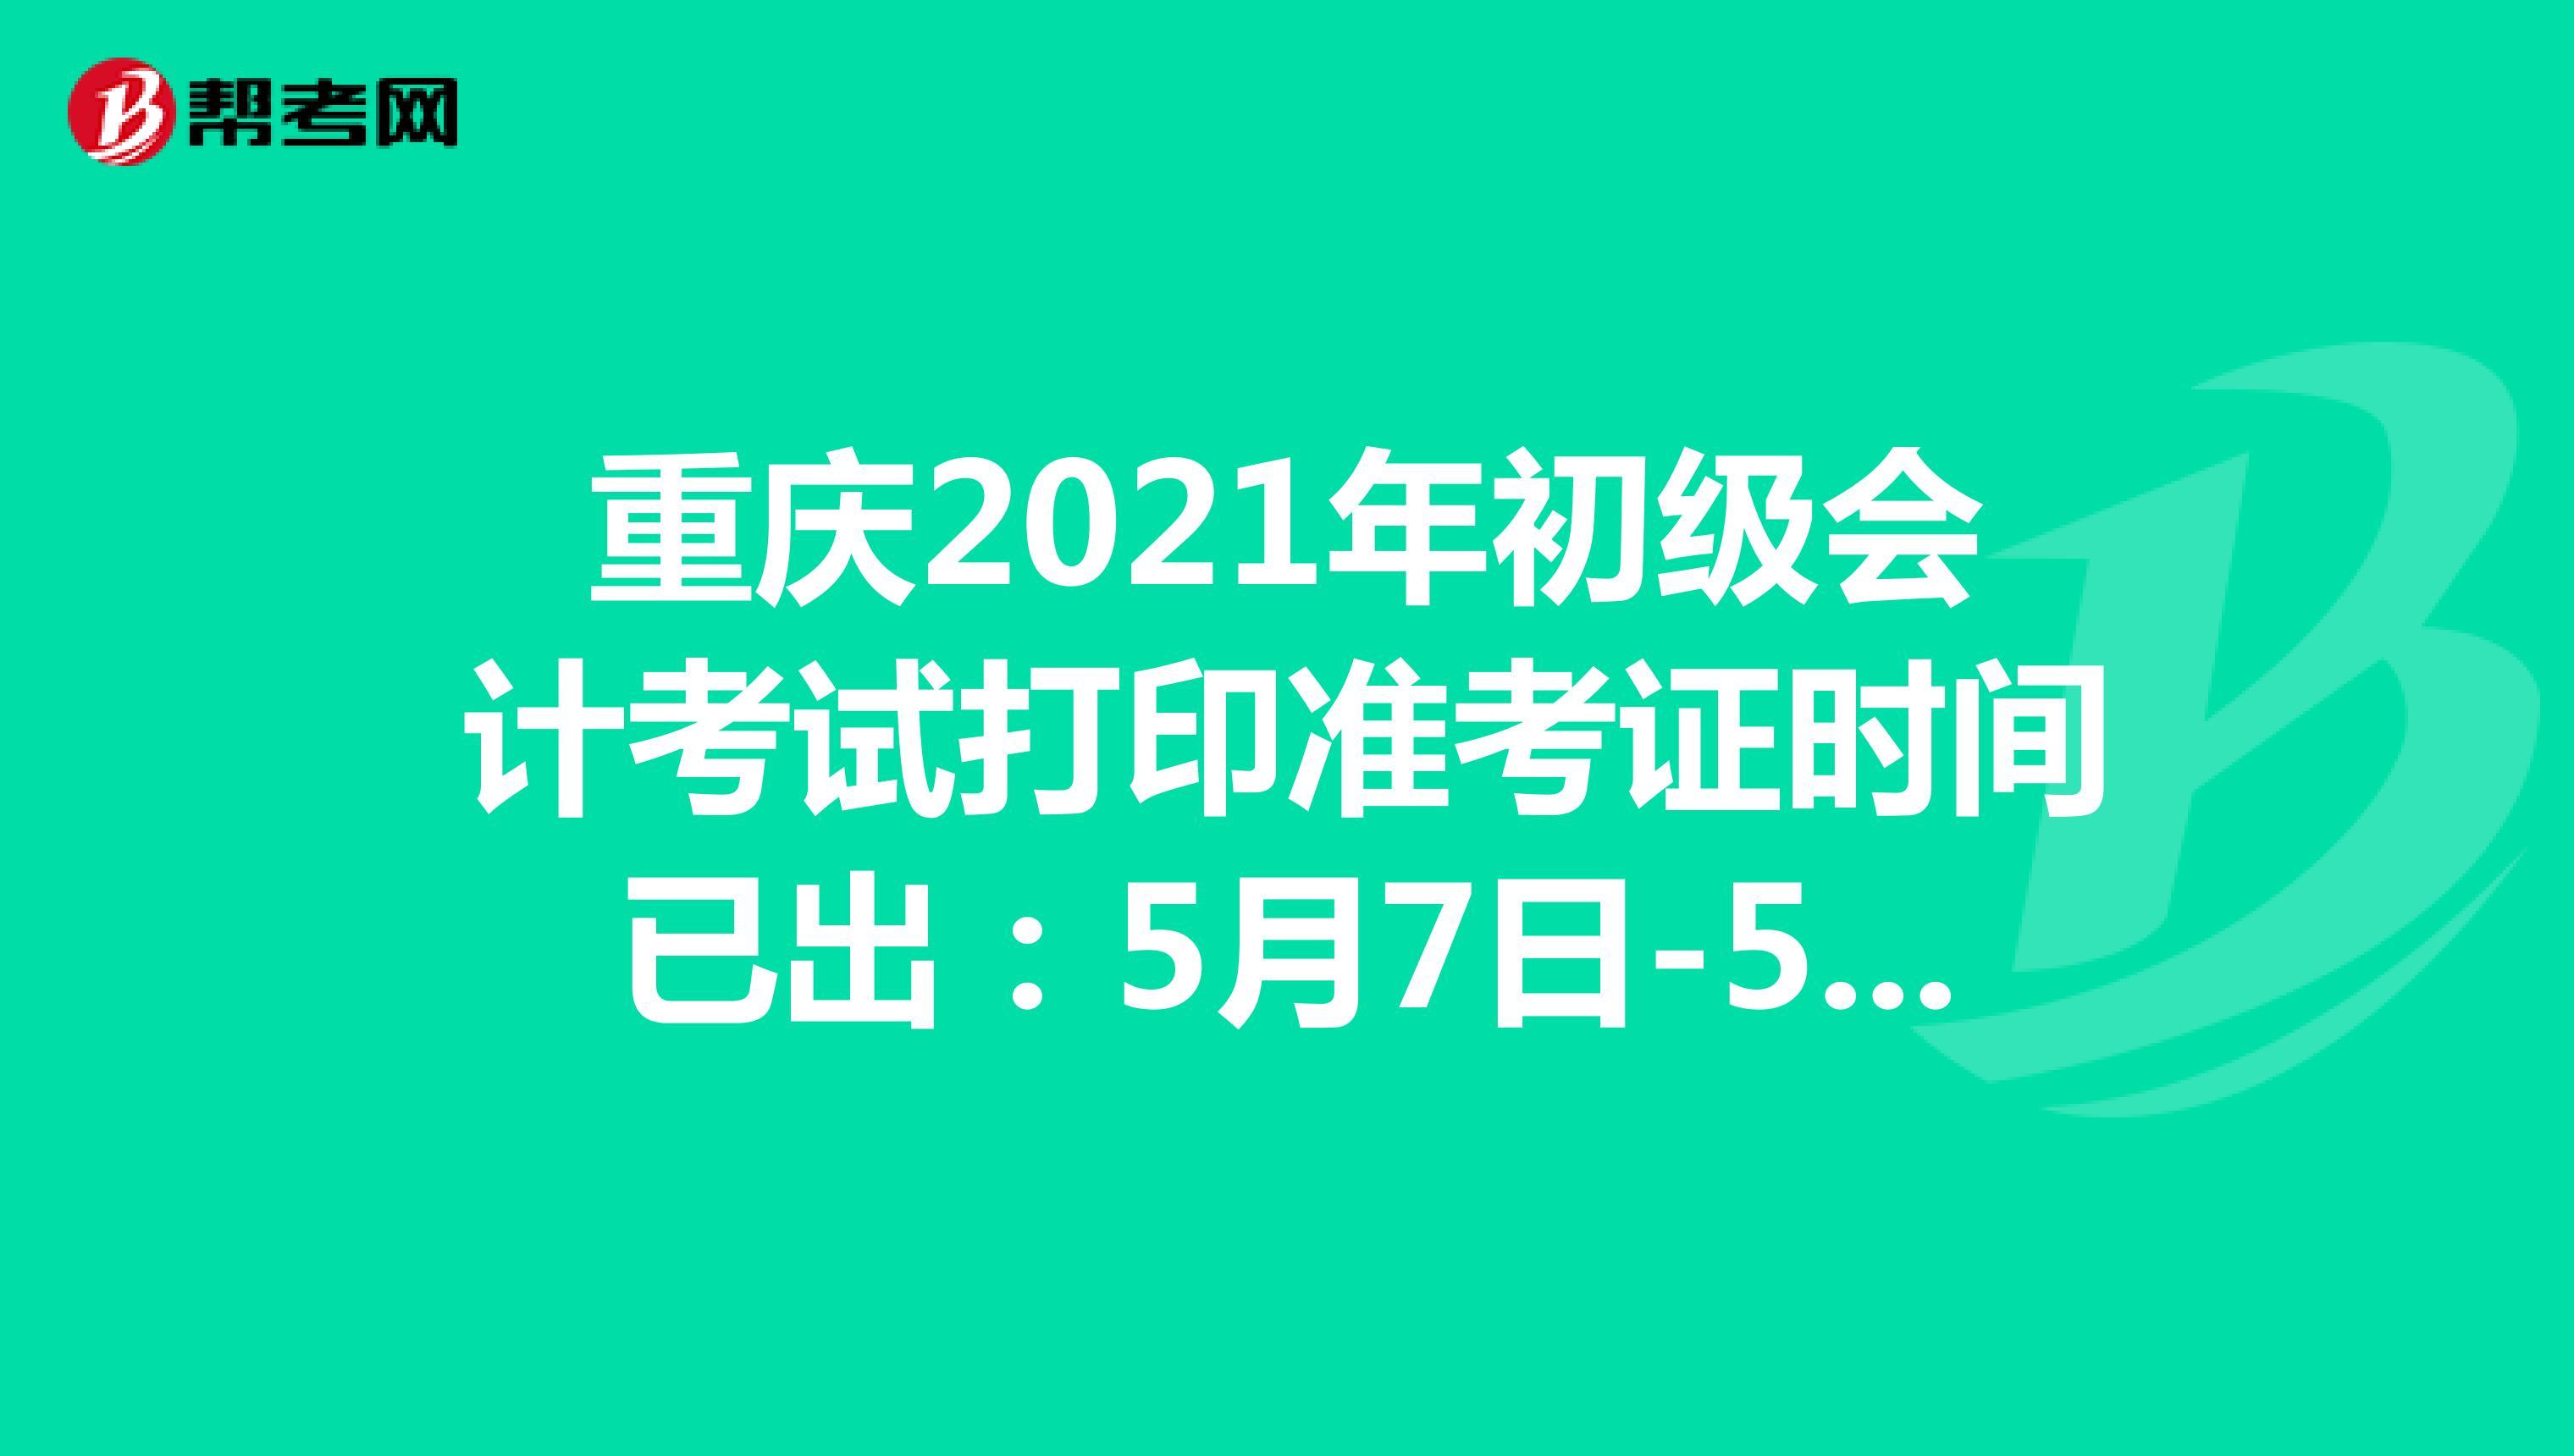 重庆2021年初级会计考试打印准考证时间已出:5月7日-5月14日